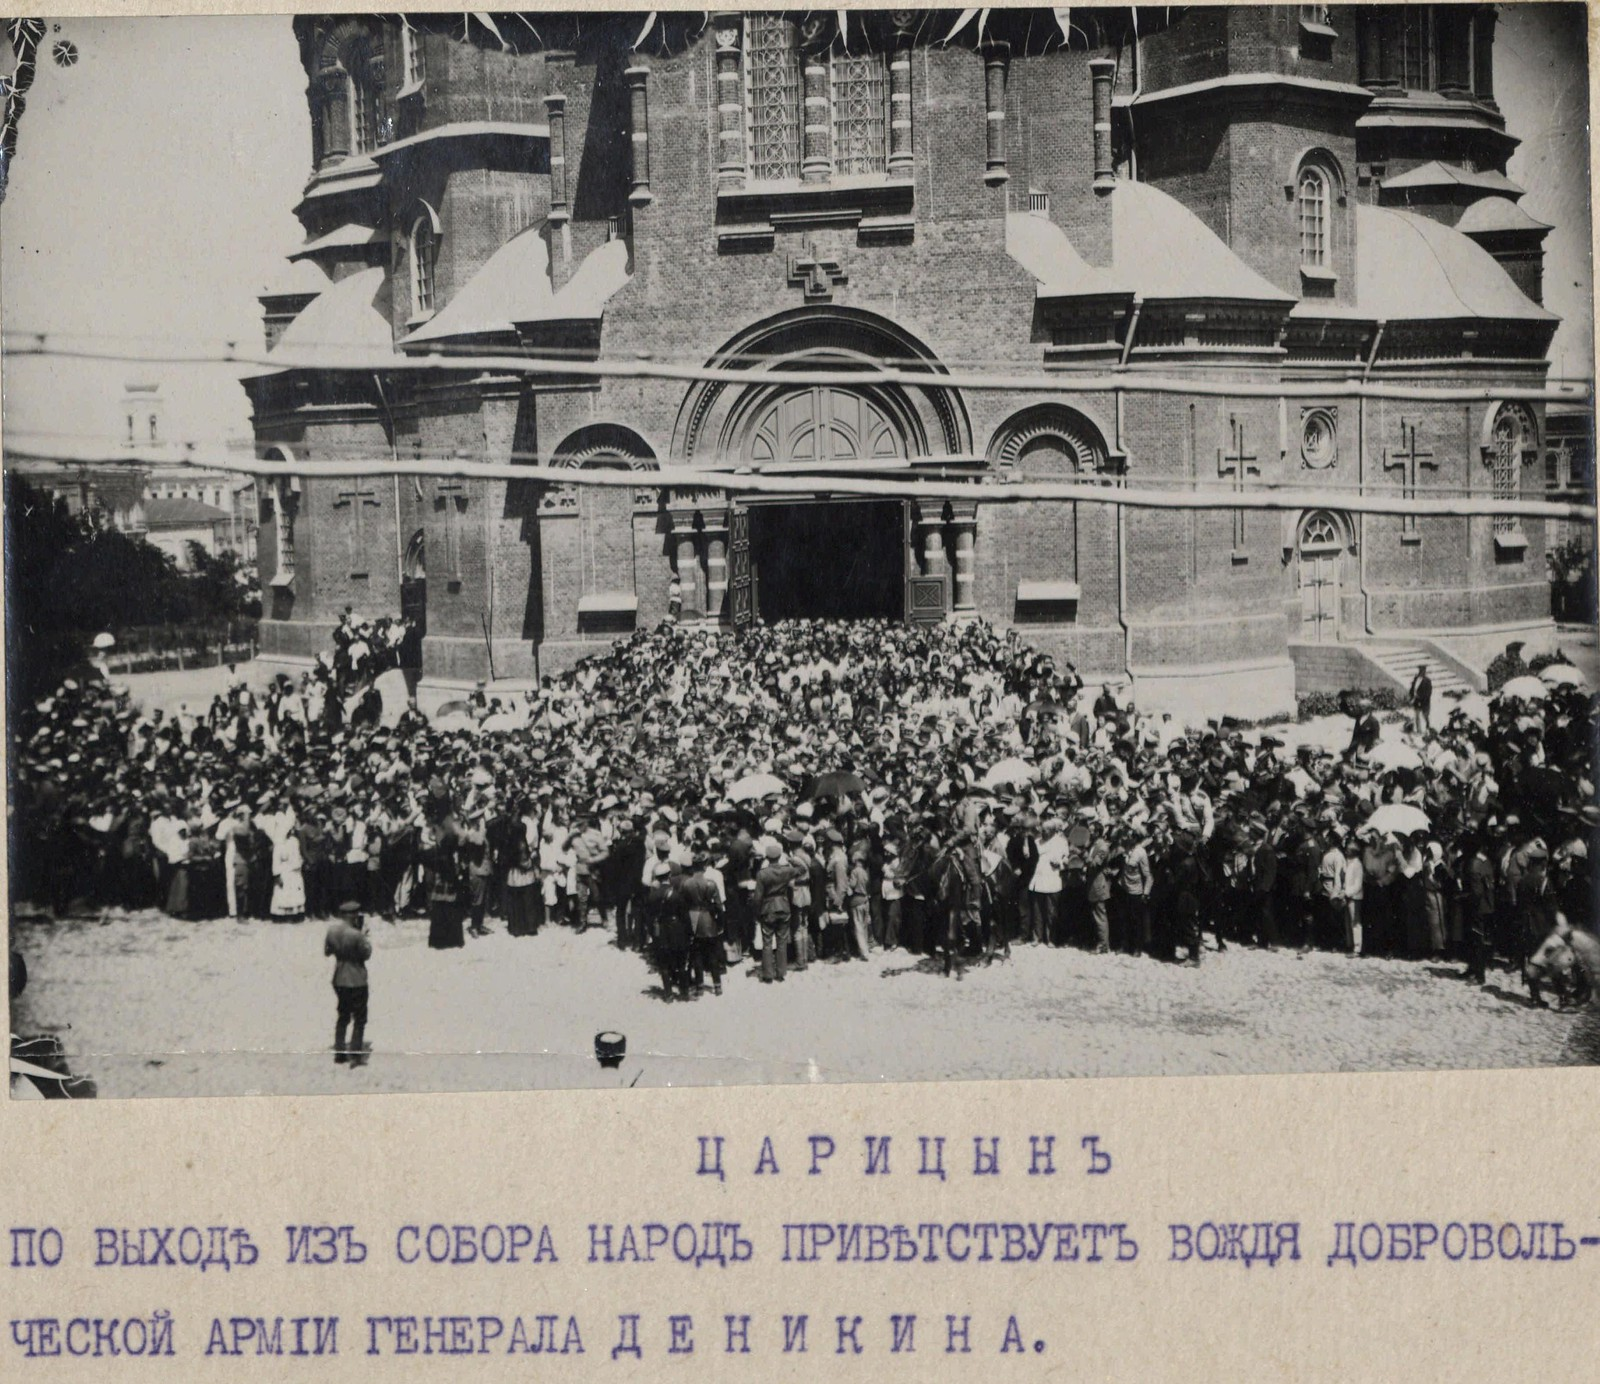 1919. Царицын. По выходу из собора народ приветствует генерала Деникина